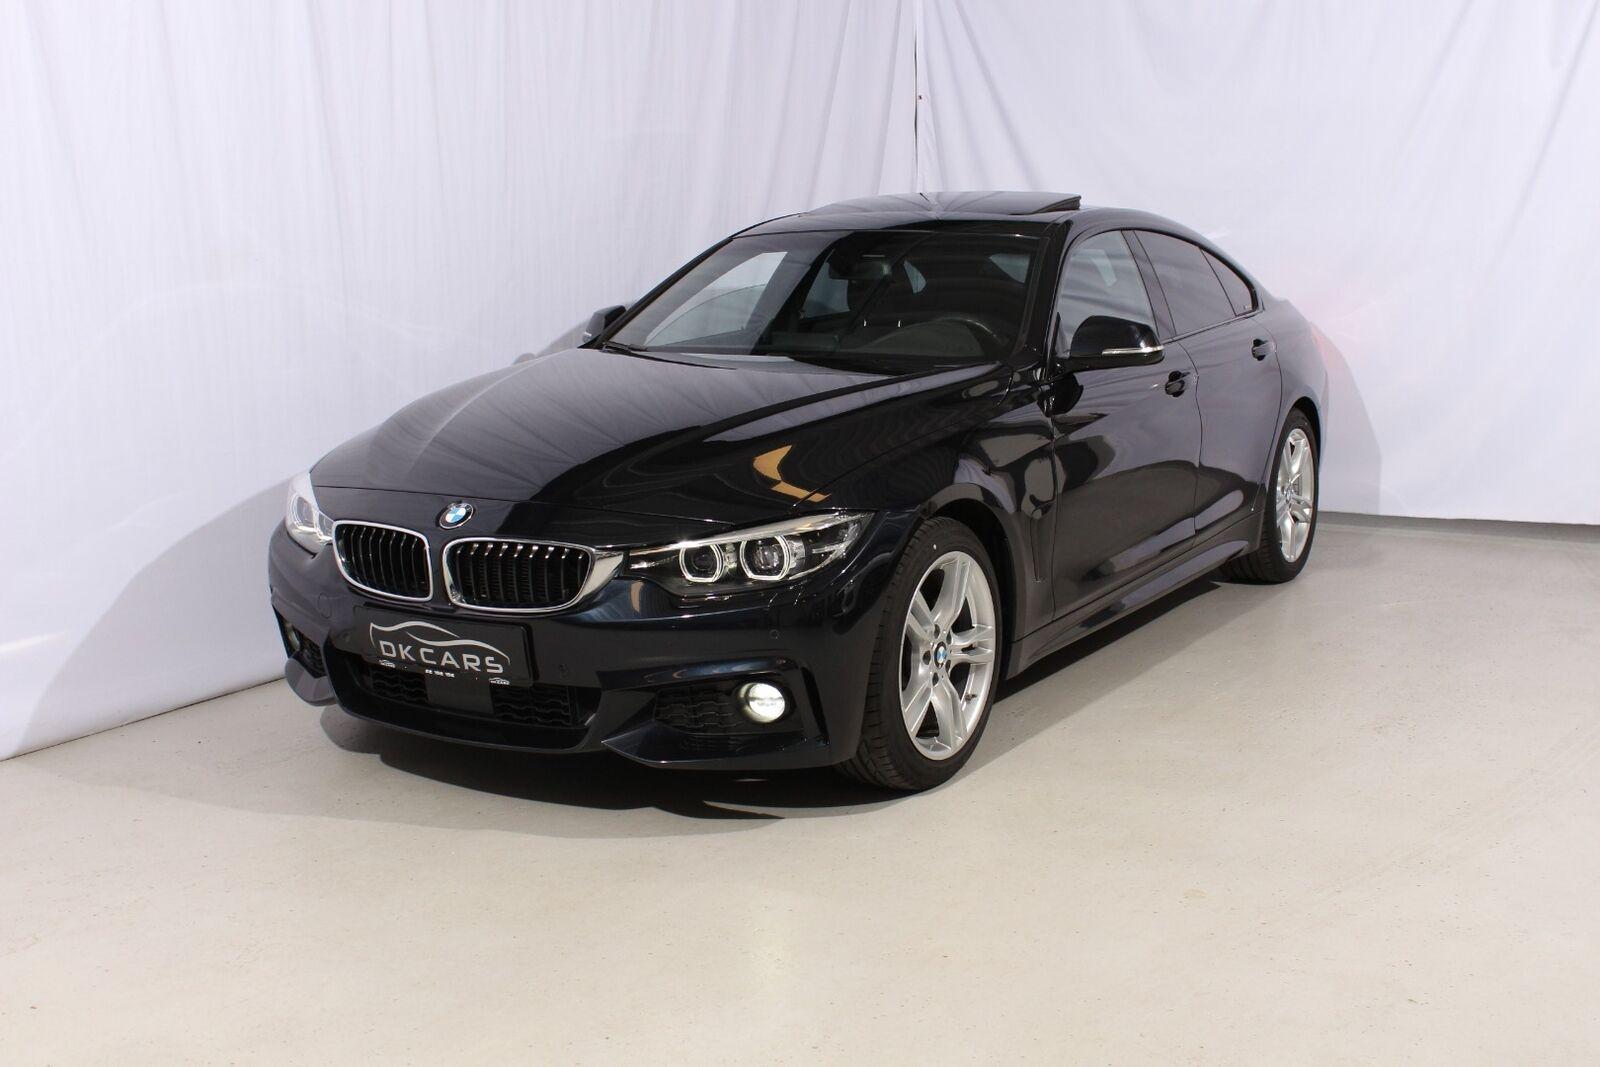 BMW 430d 3,0 Gran Coupé M-Sport aut. 5d - 499.990 kr.